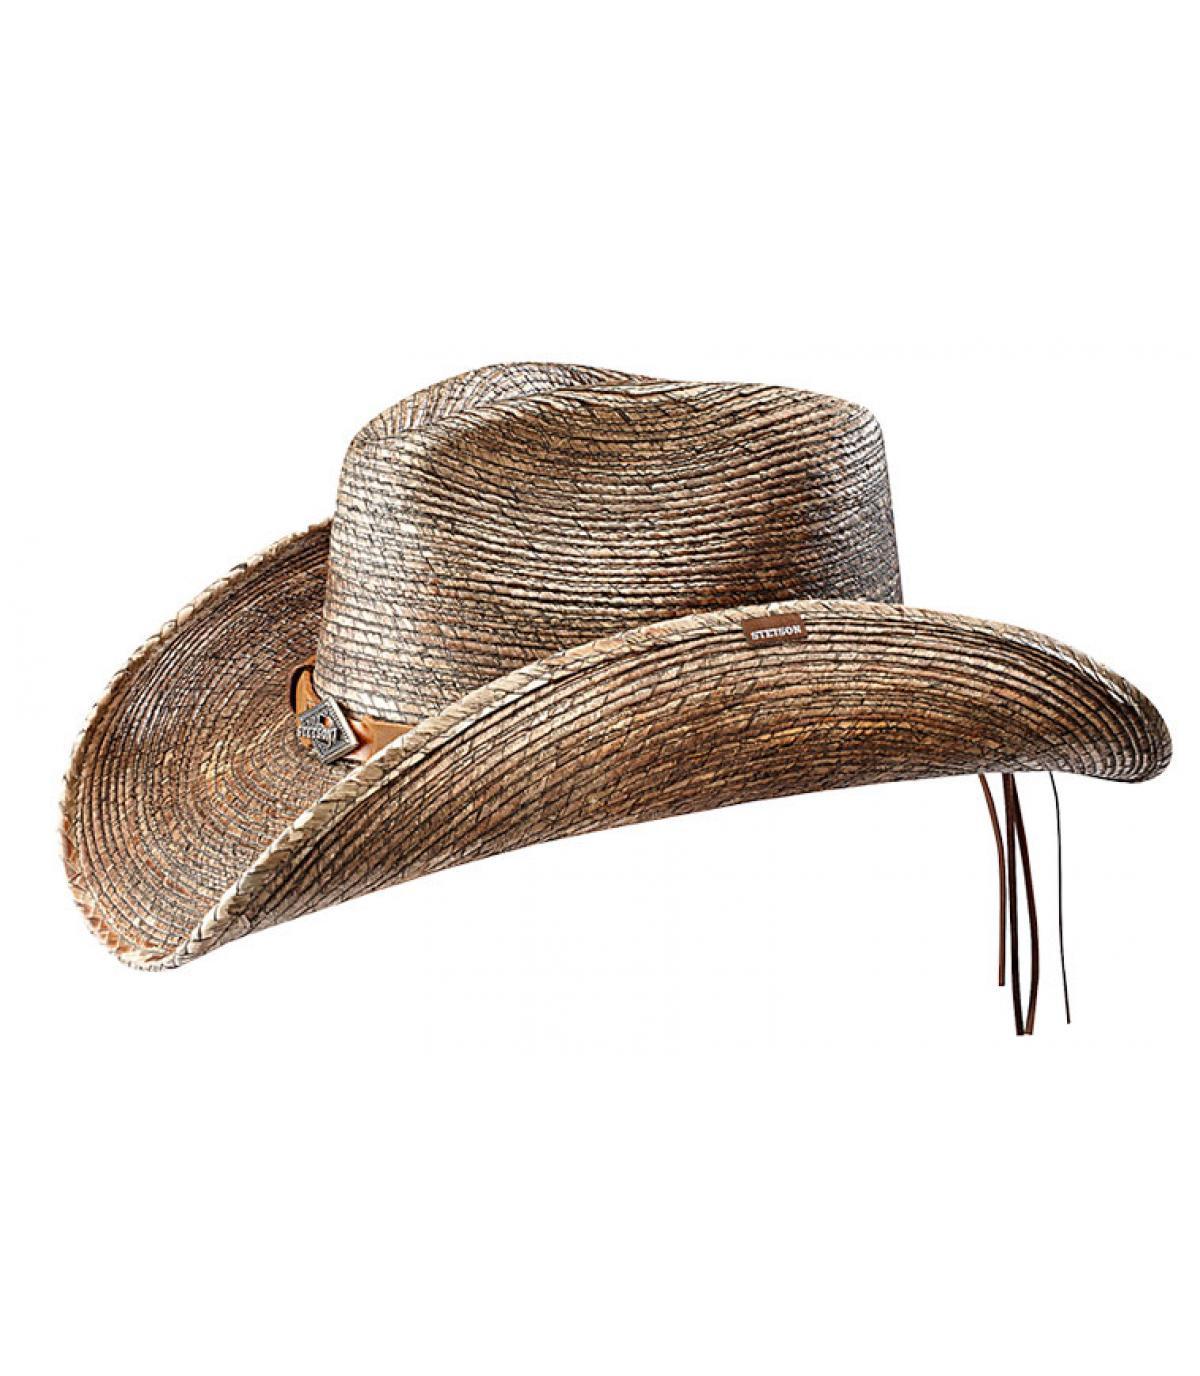 chapeau paille cow boy homme monterrey bay burned par. Black Bedroom Furniture Sets. Home Design Ideas